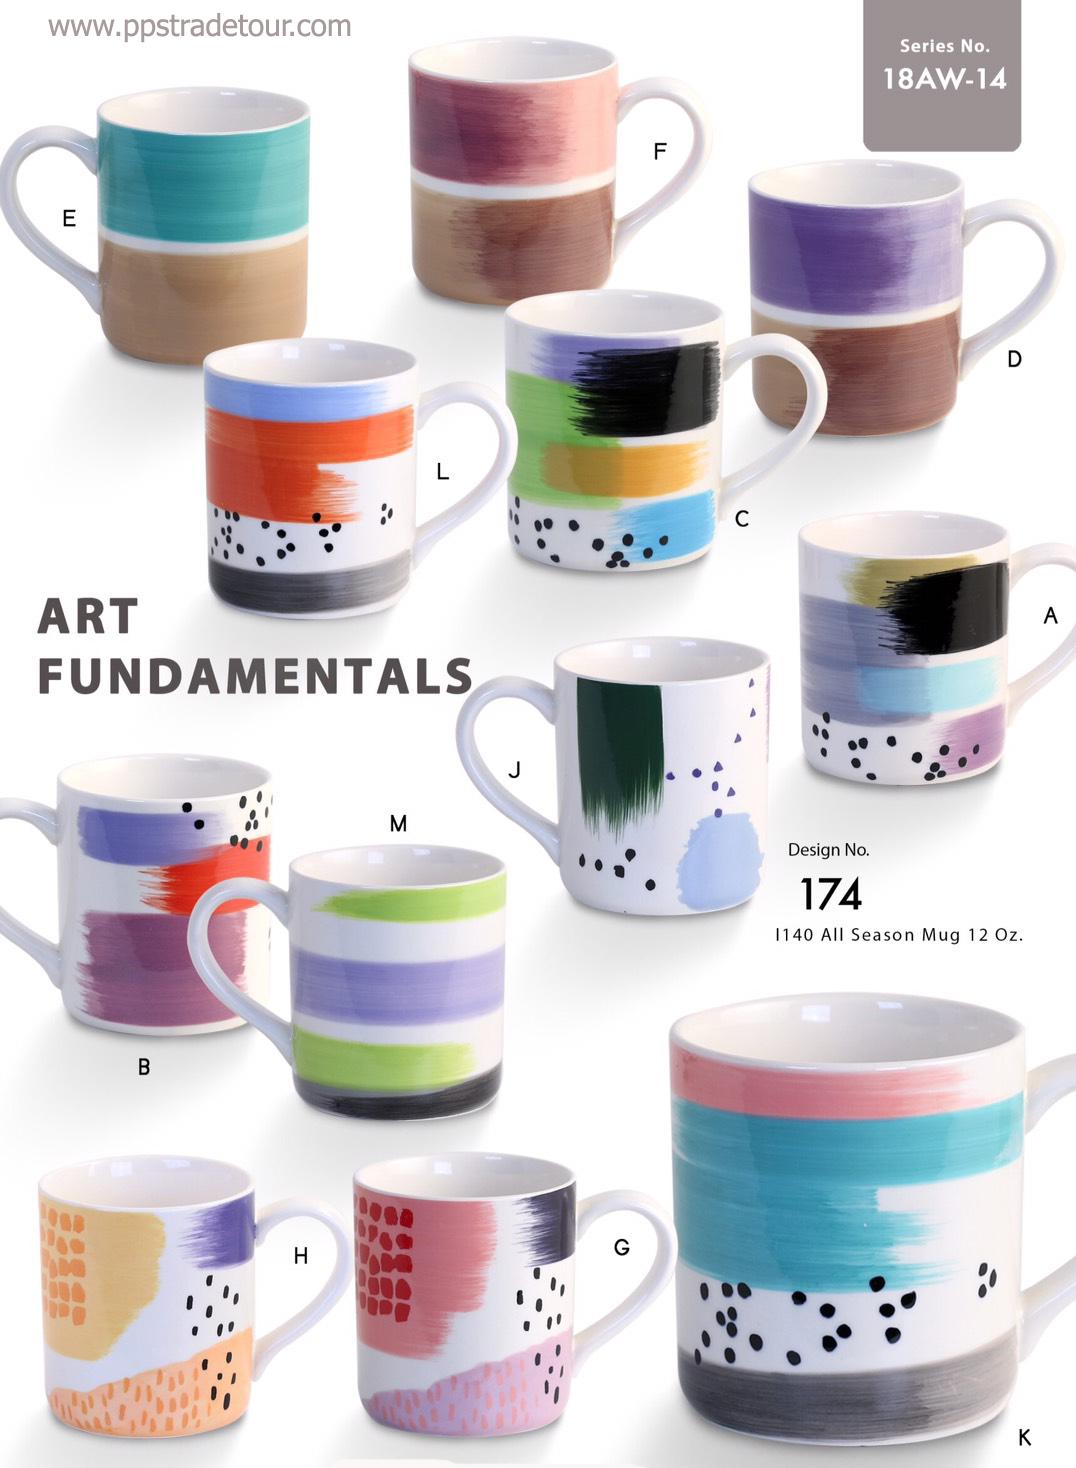 Artfundamentals-Ceramic Mug 16 Oz.